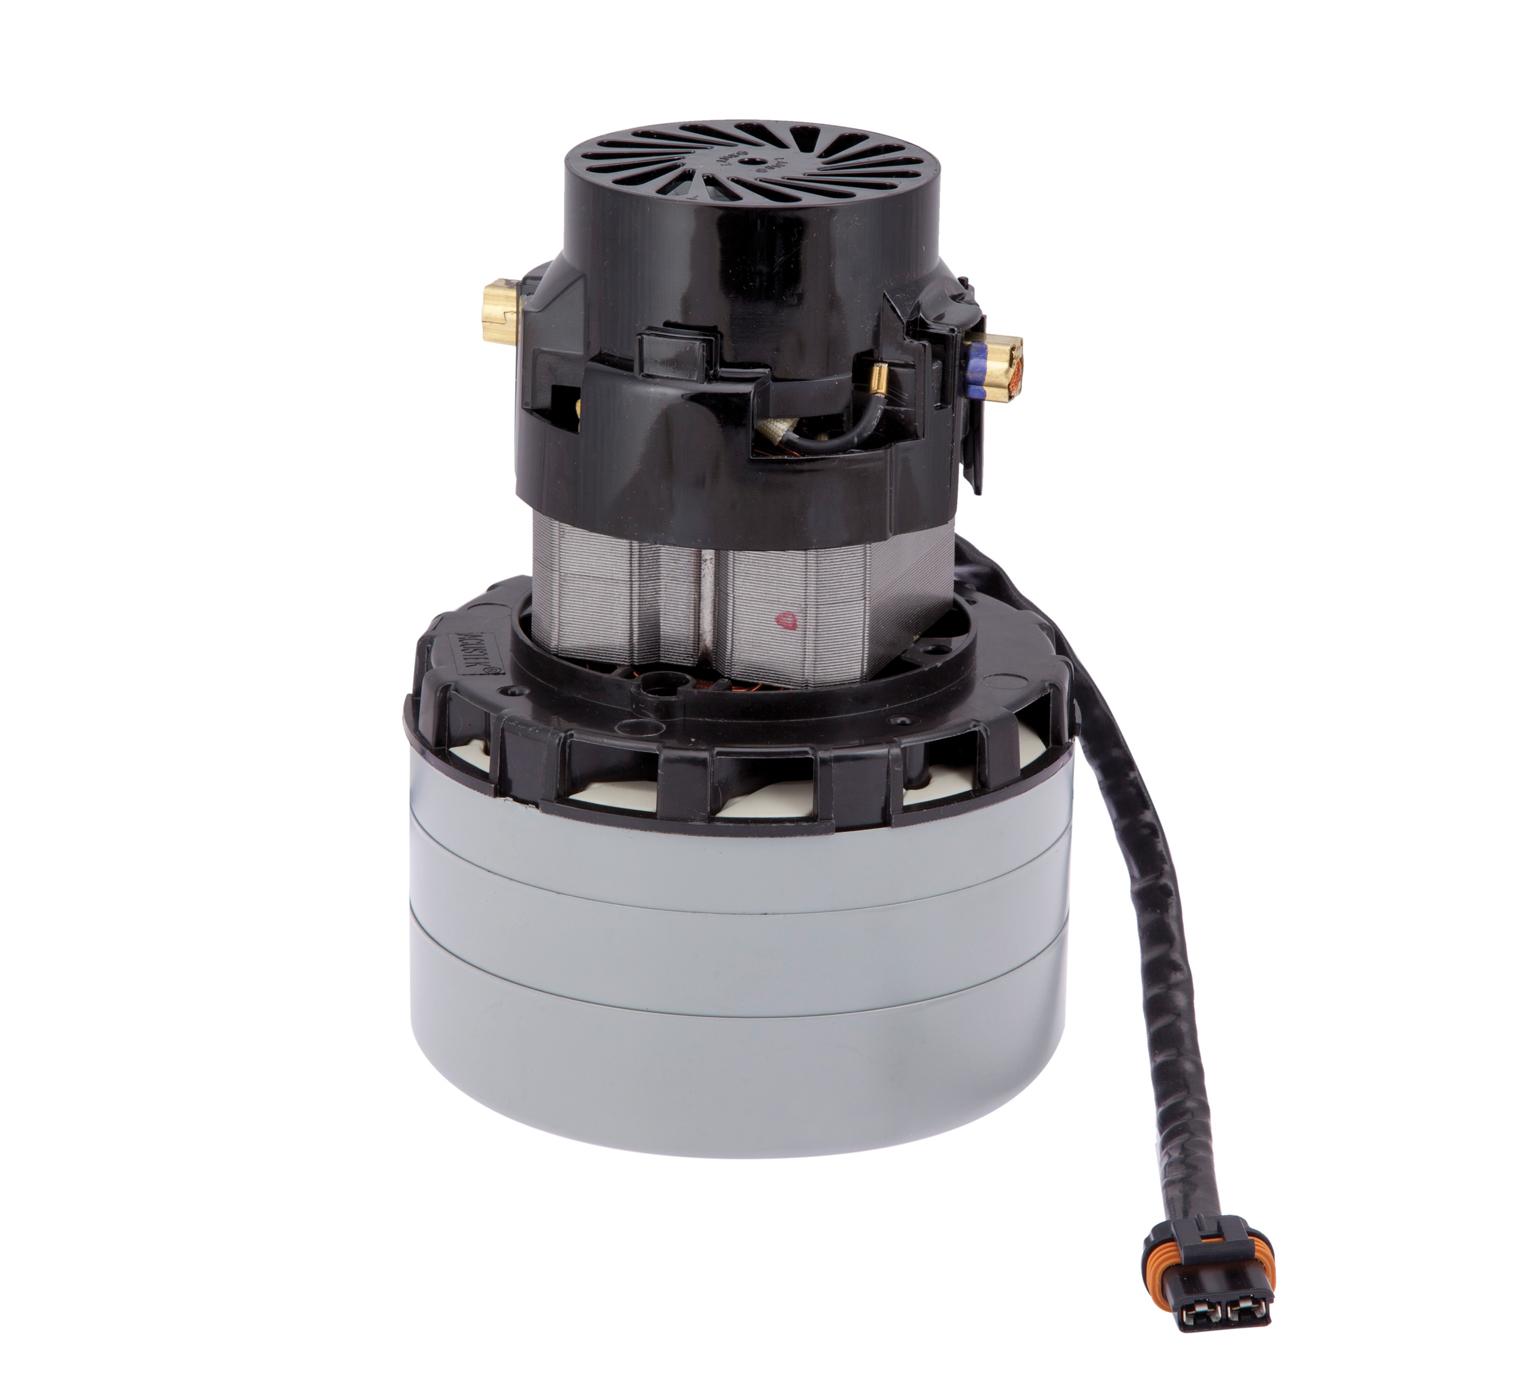 Tennanttrue Vacuum Fan 5 78 In Dia X 7 82 In Length Pn